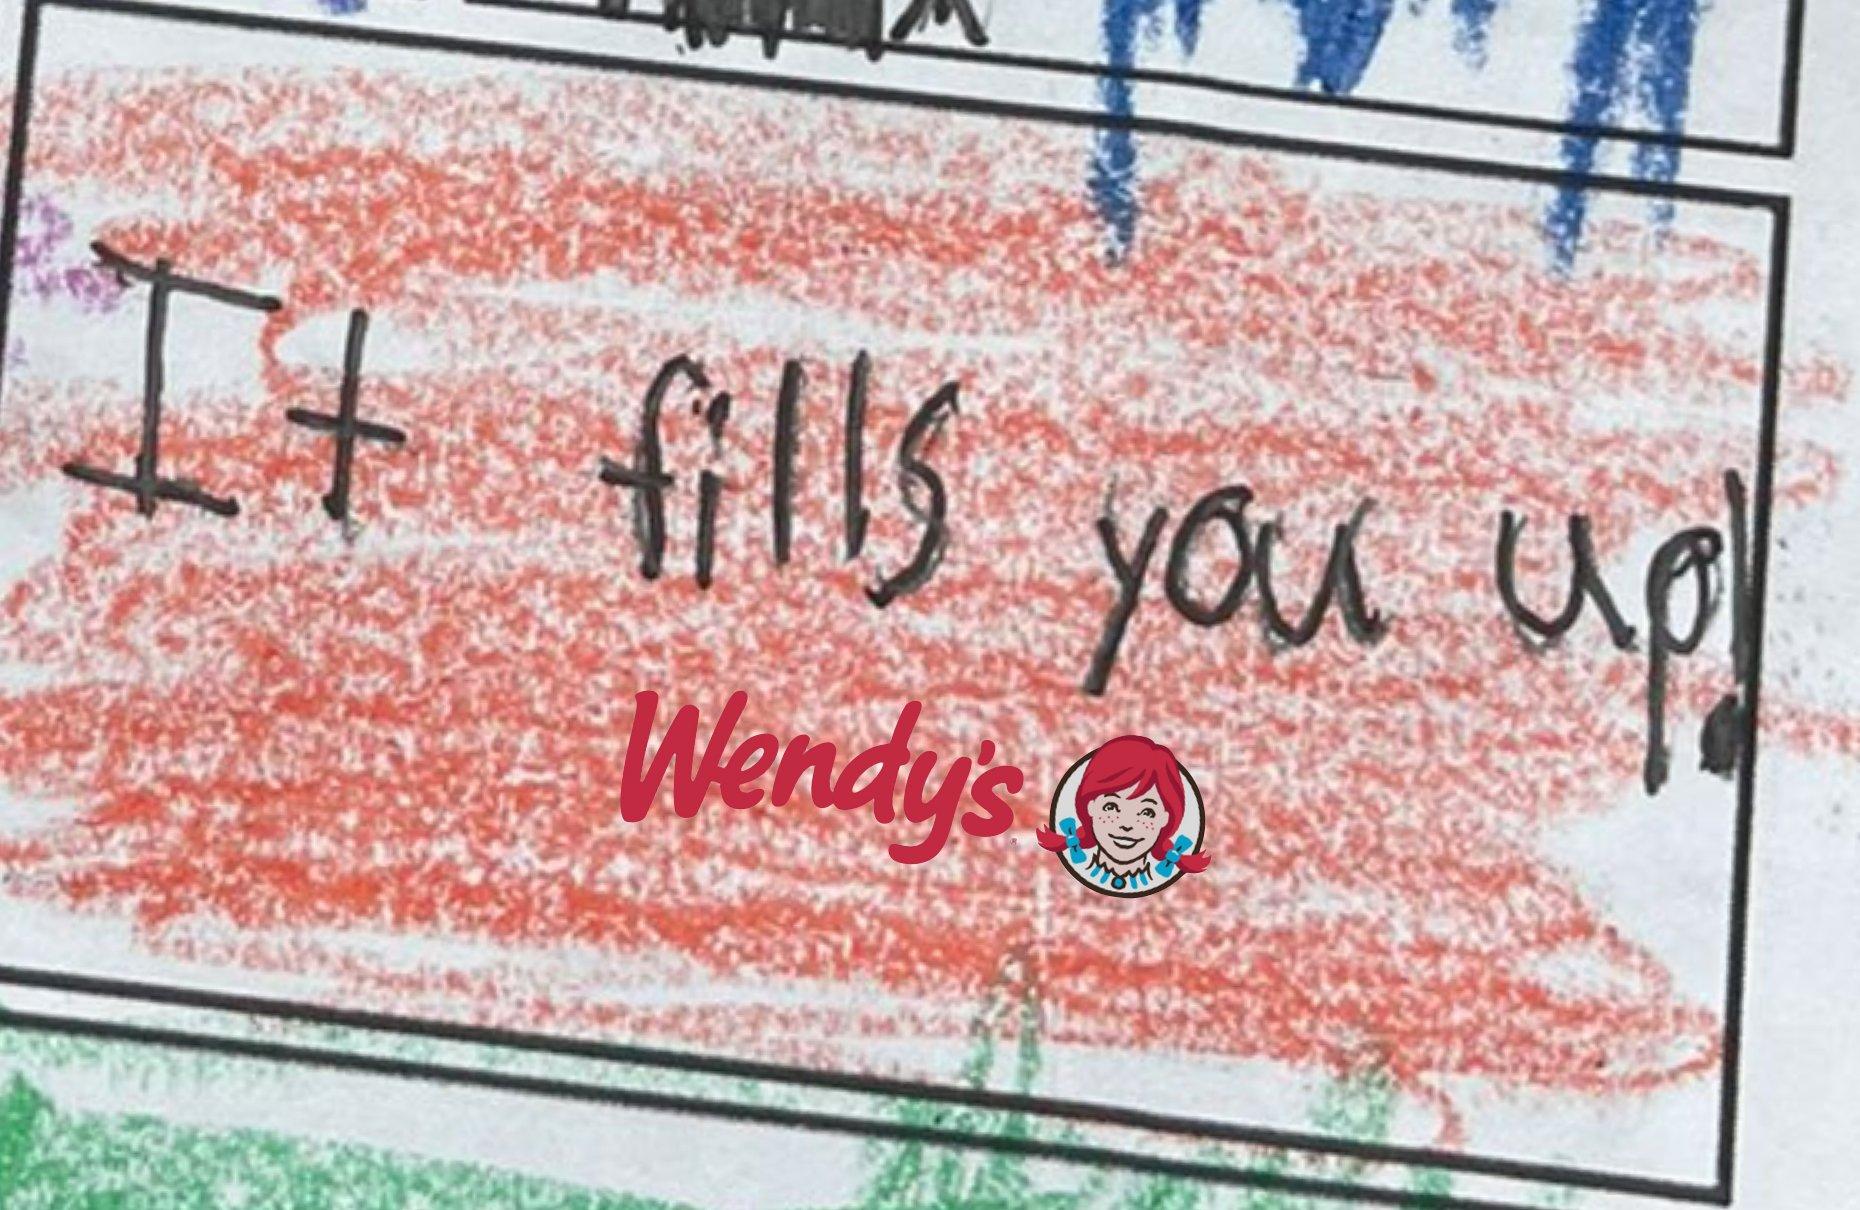 Fast Food Zinciri Wendy's, Bir Çocuğun Çizdiği Resimlerden Reklam Filmi Hazırladı